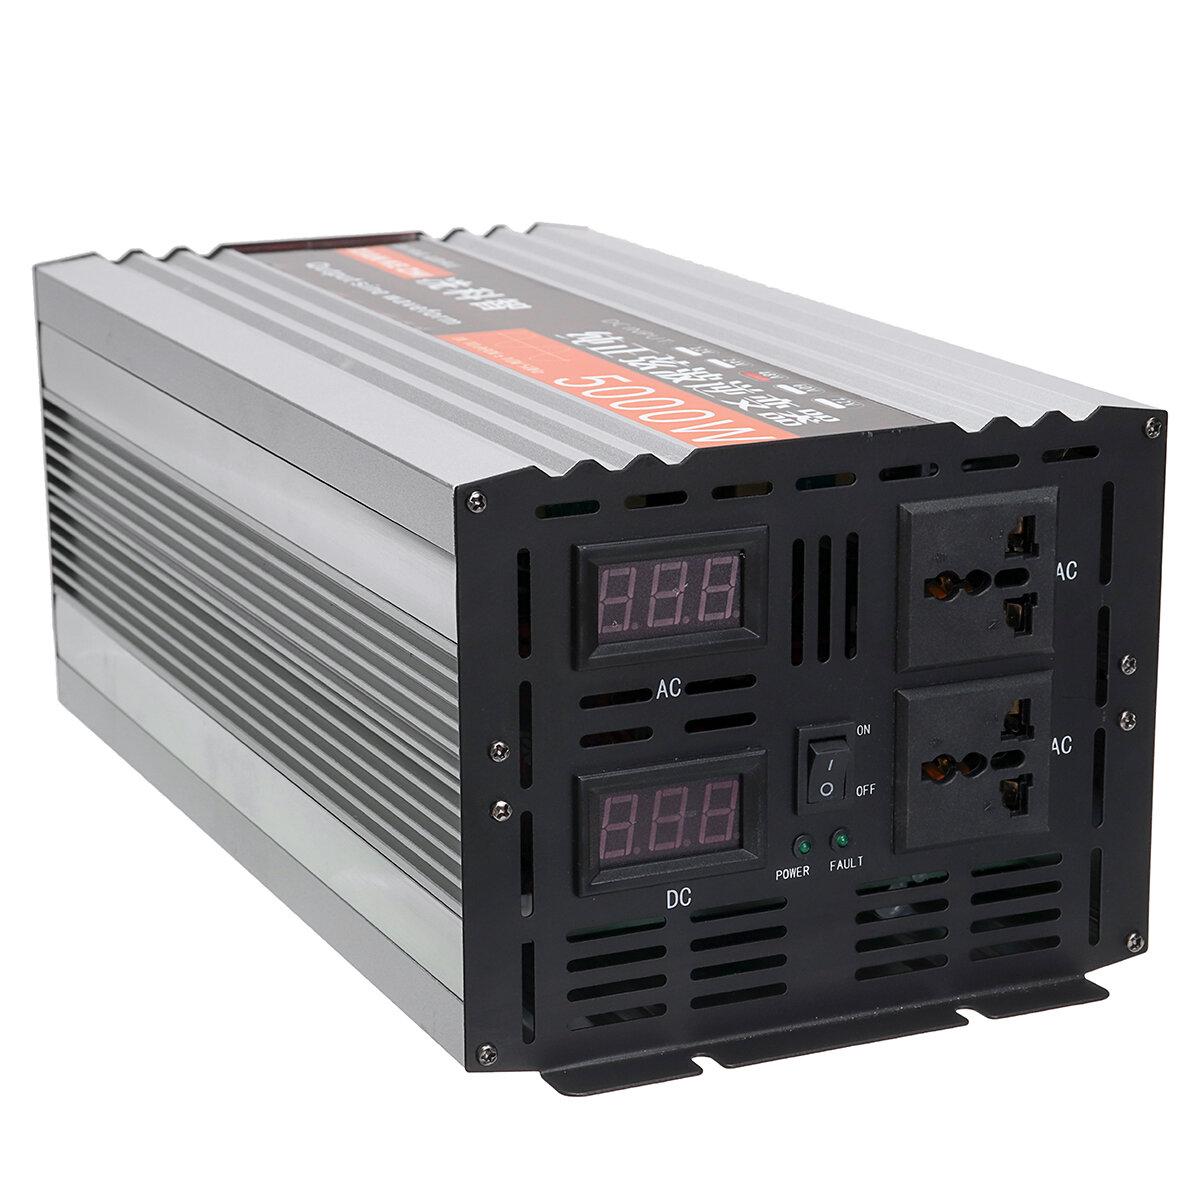 Màn hình LED biến tần tinh khiết hình sin kép 5000W Bộ biến tần nguồn 12V / 24/48 / DC sang 220 V AC